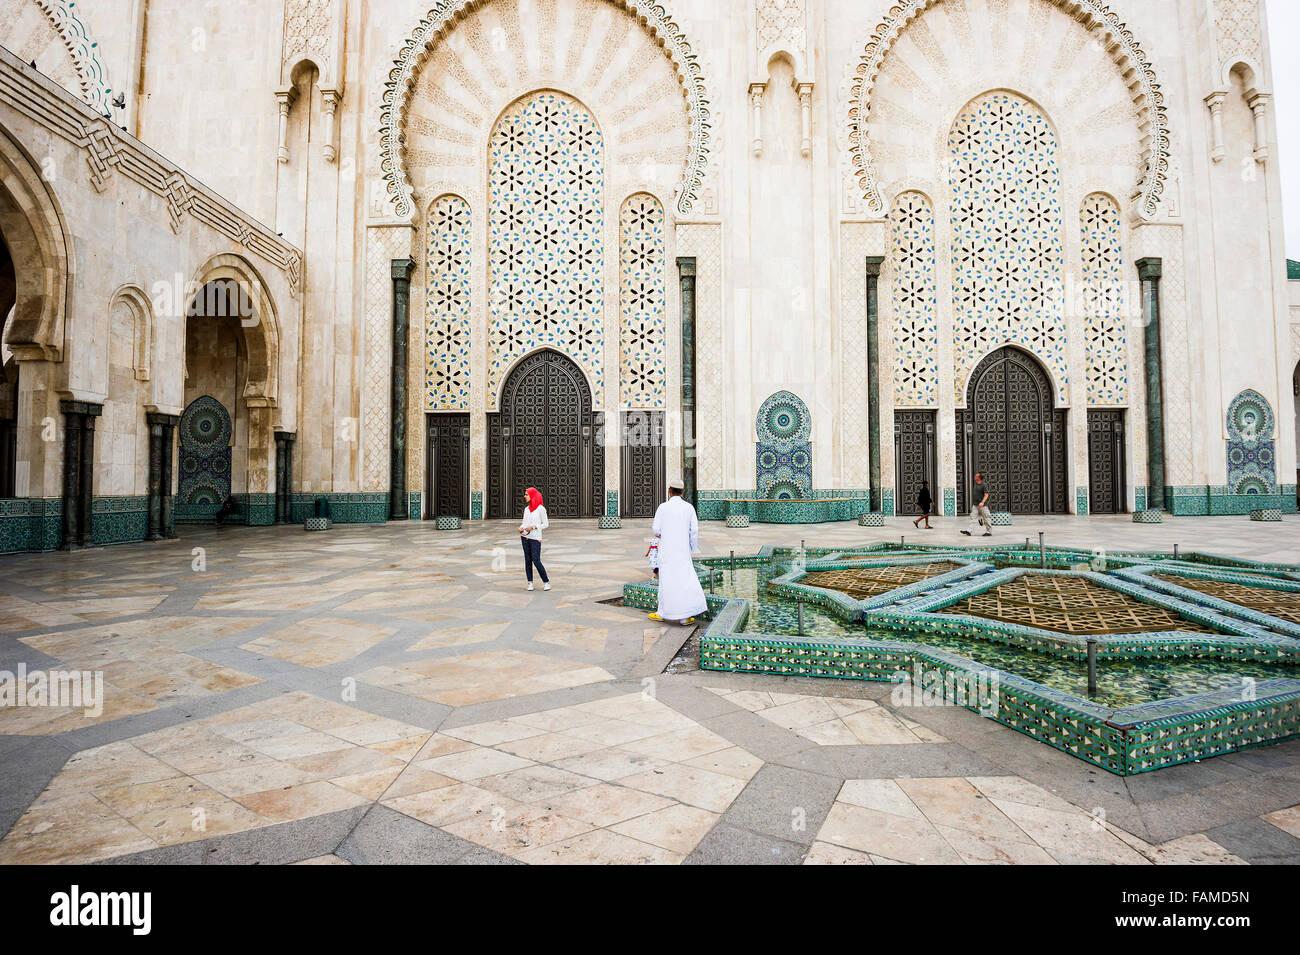 Il Cortile della moschea di Hassan II, Casablanca, Marocco Immagini Stock